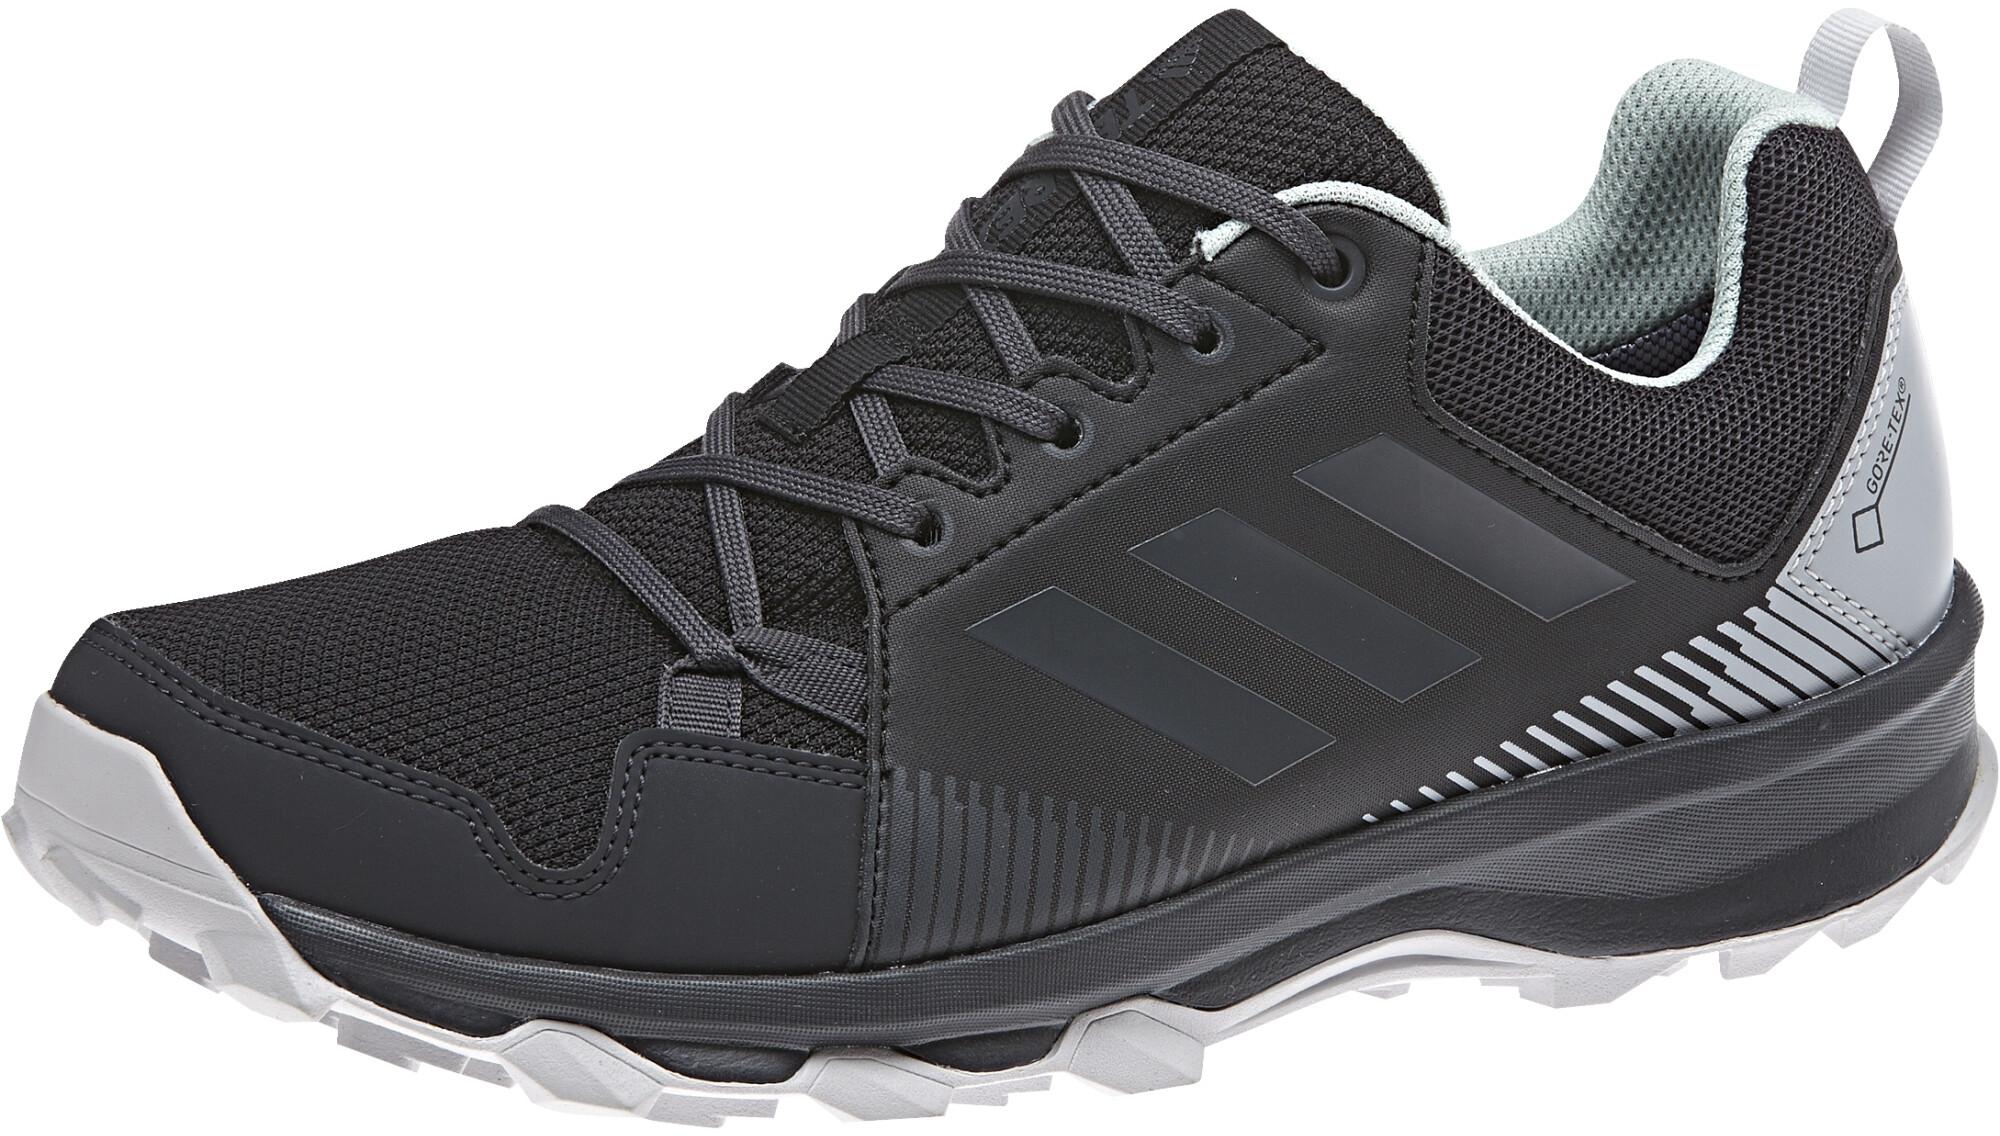 timeless design 463e0 98c71 adidas TERREX TraceRocker GTX - Chaussures running Femme - noir